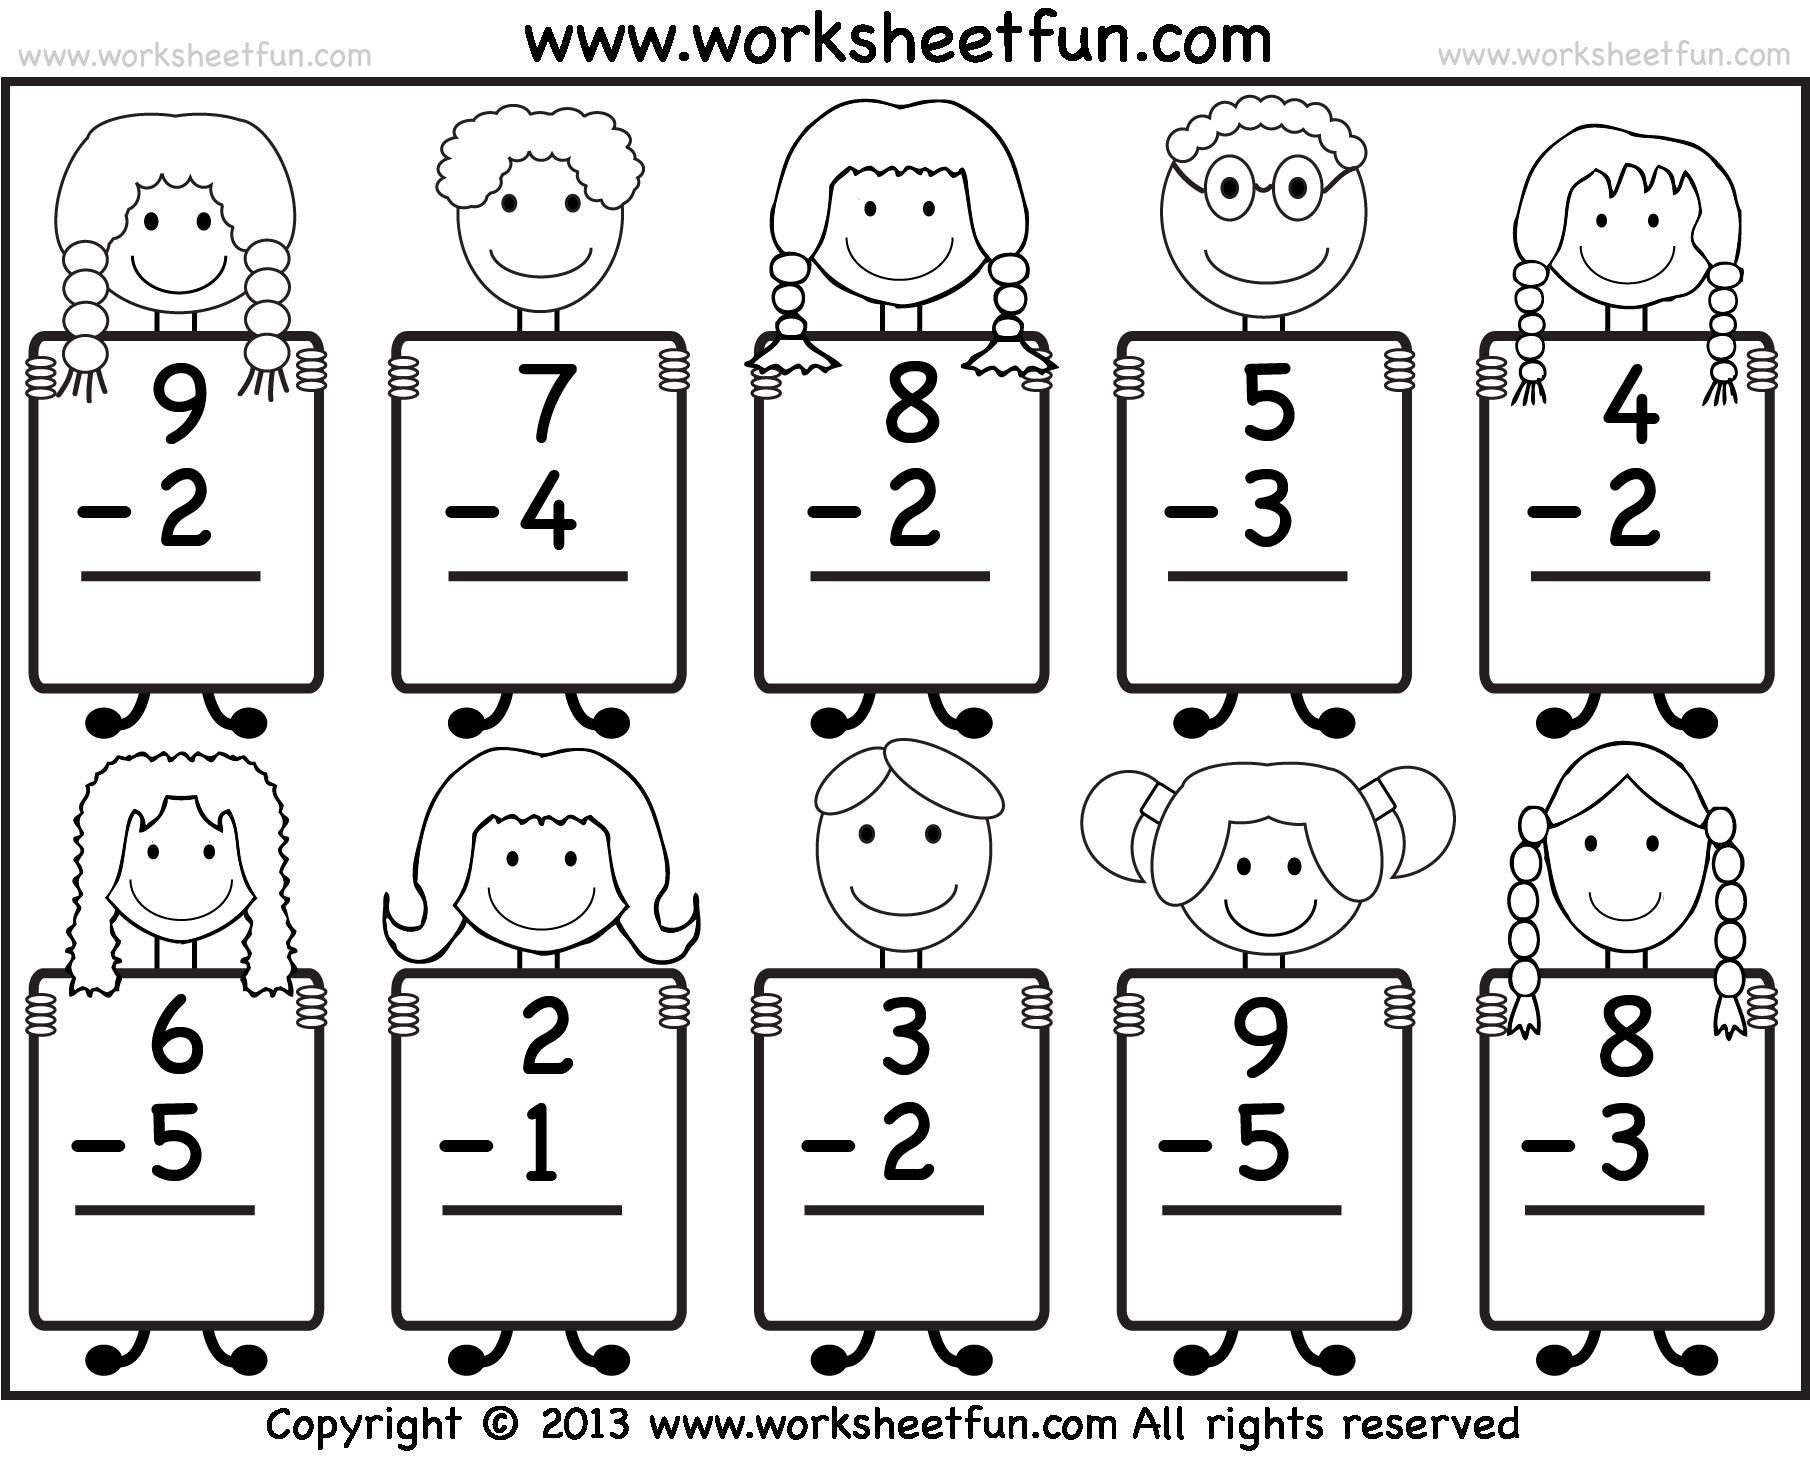 Subtraction Worksheets For Kindergarten